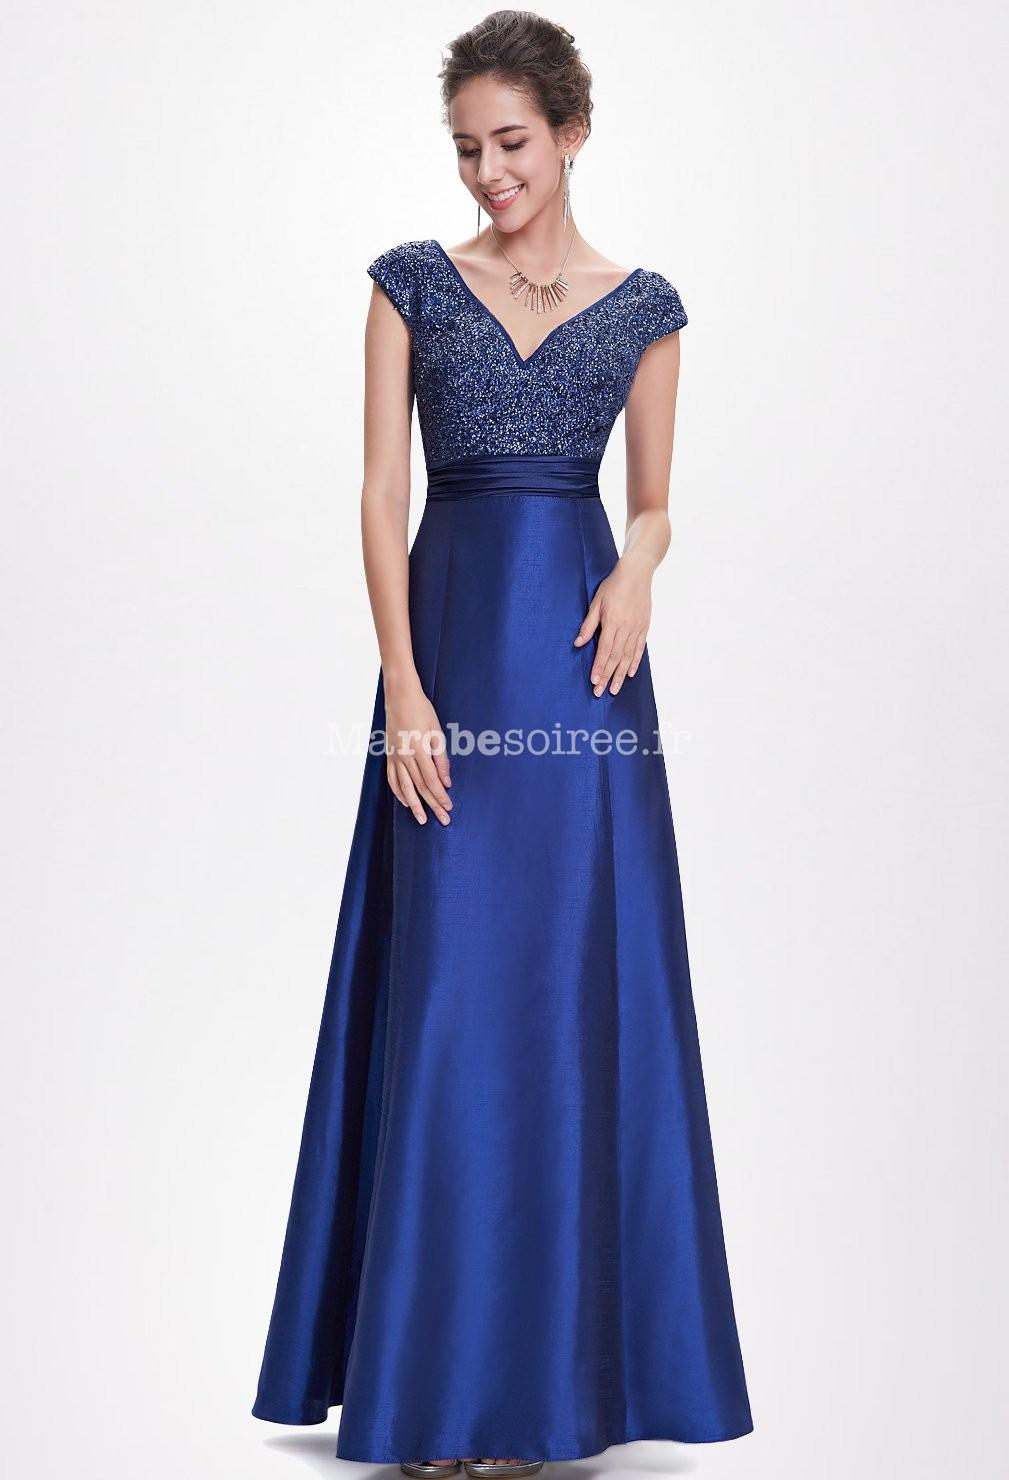 robe de bal longue bleu avec sequins brillants. Black Bedroom Furniture Sets. Home Design Ideas